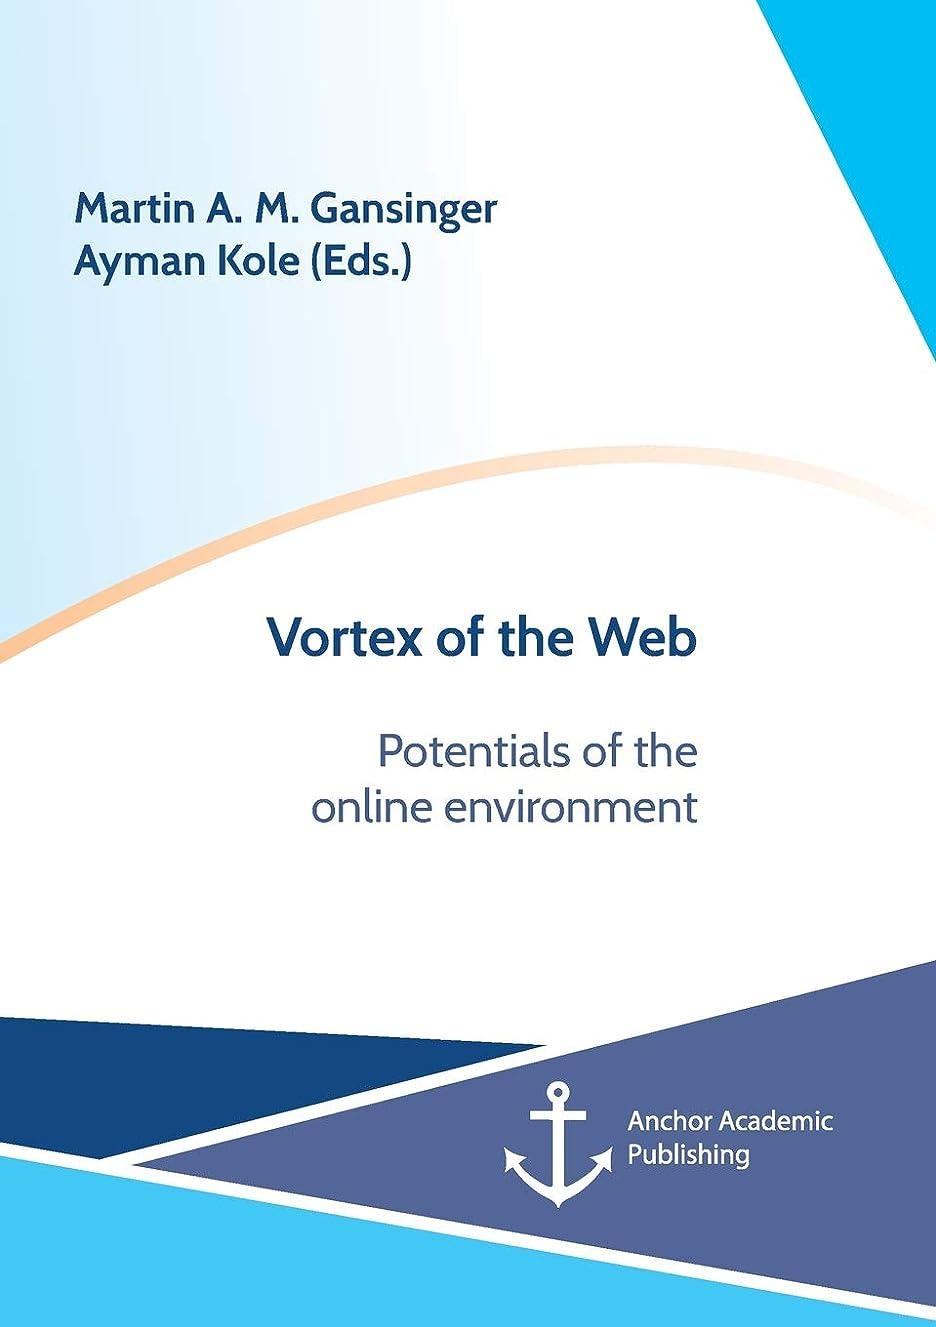 東火山学請求書Vortex of the Web. Potentials of the Online Environment